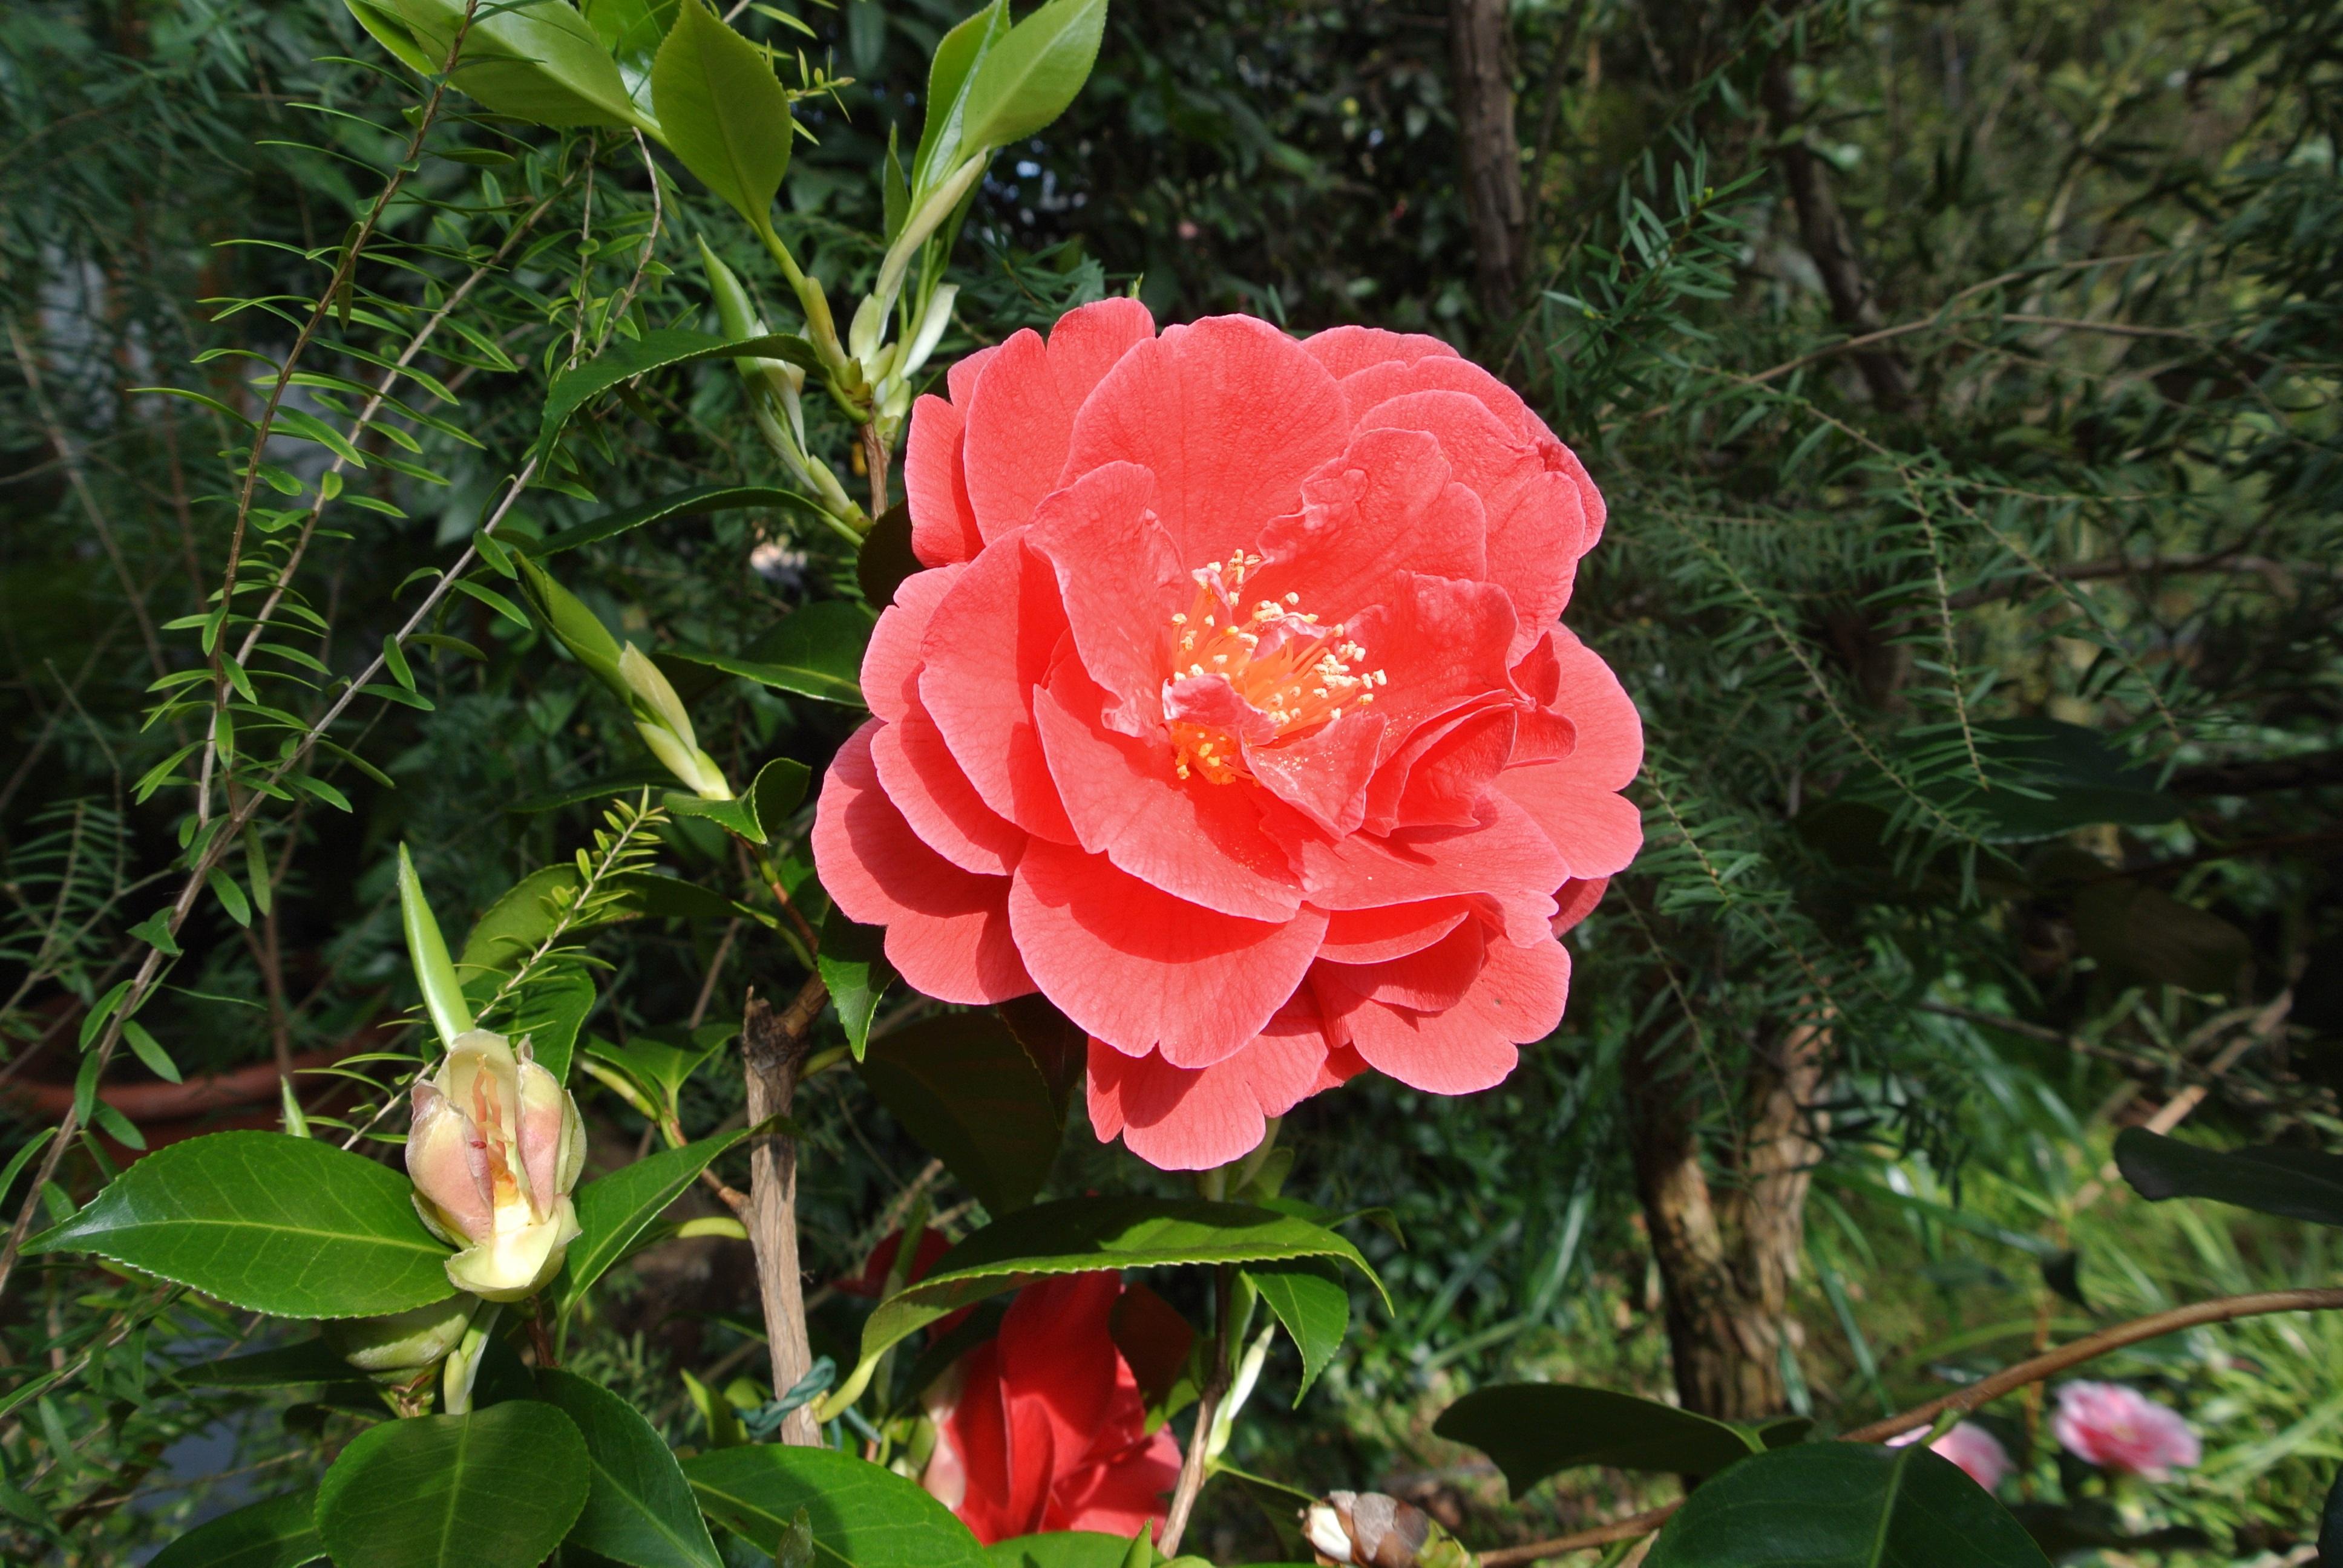 Free Images : nature, flower, petal, spring, red, color, park ...